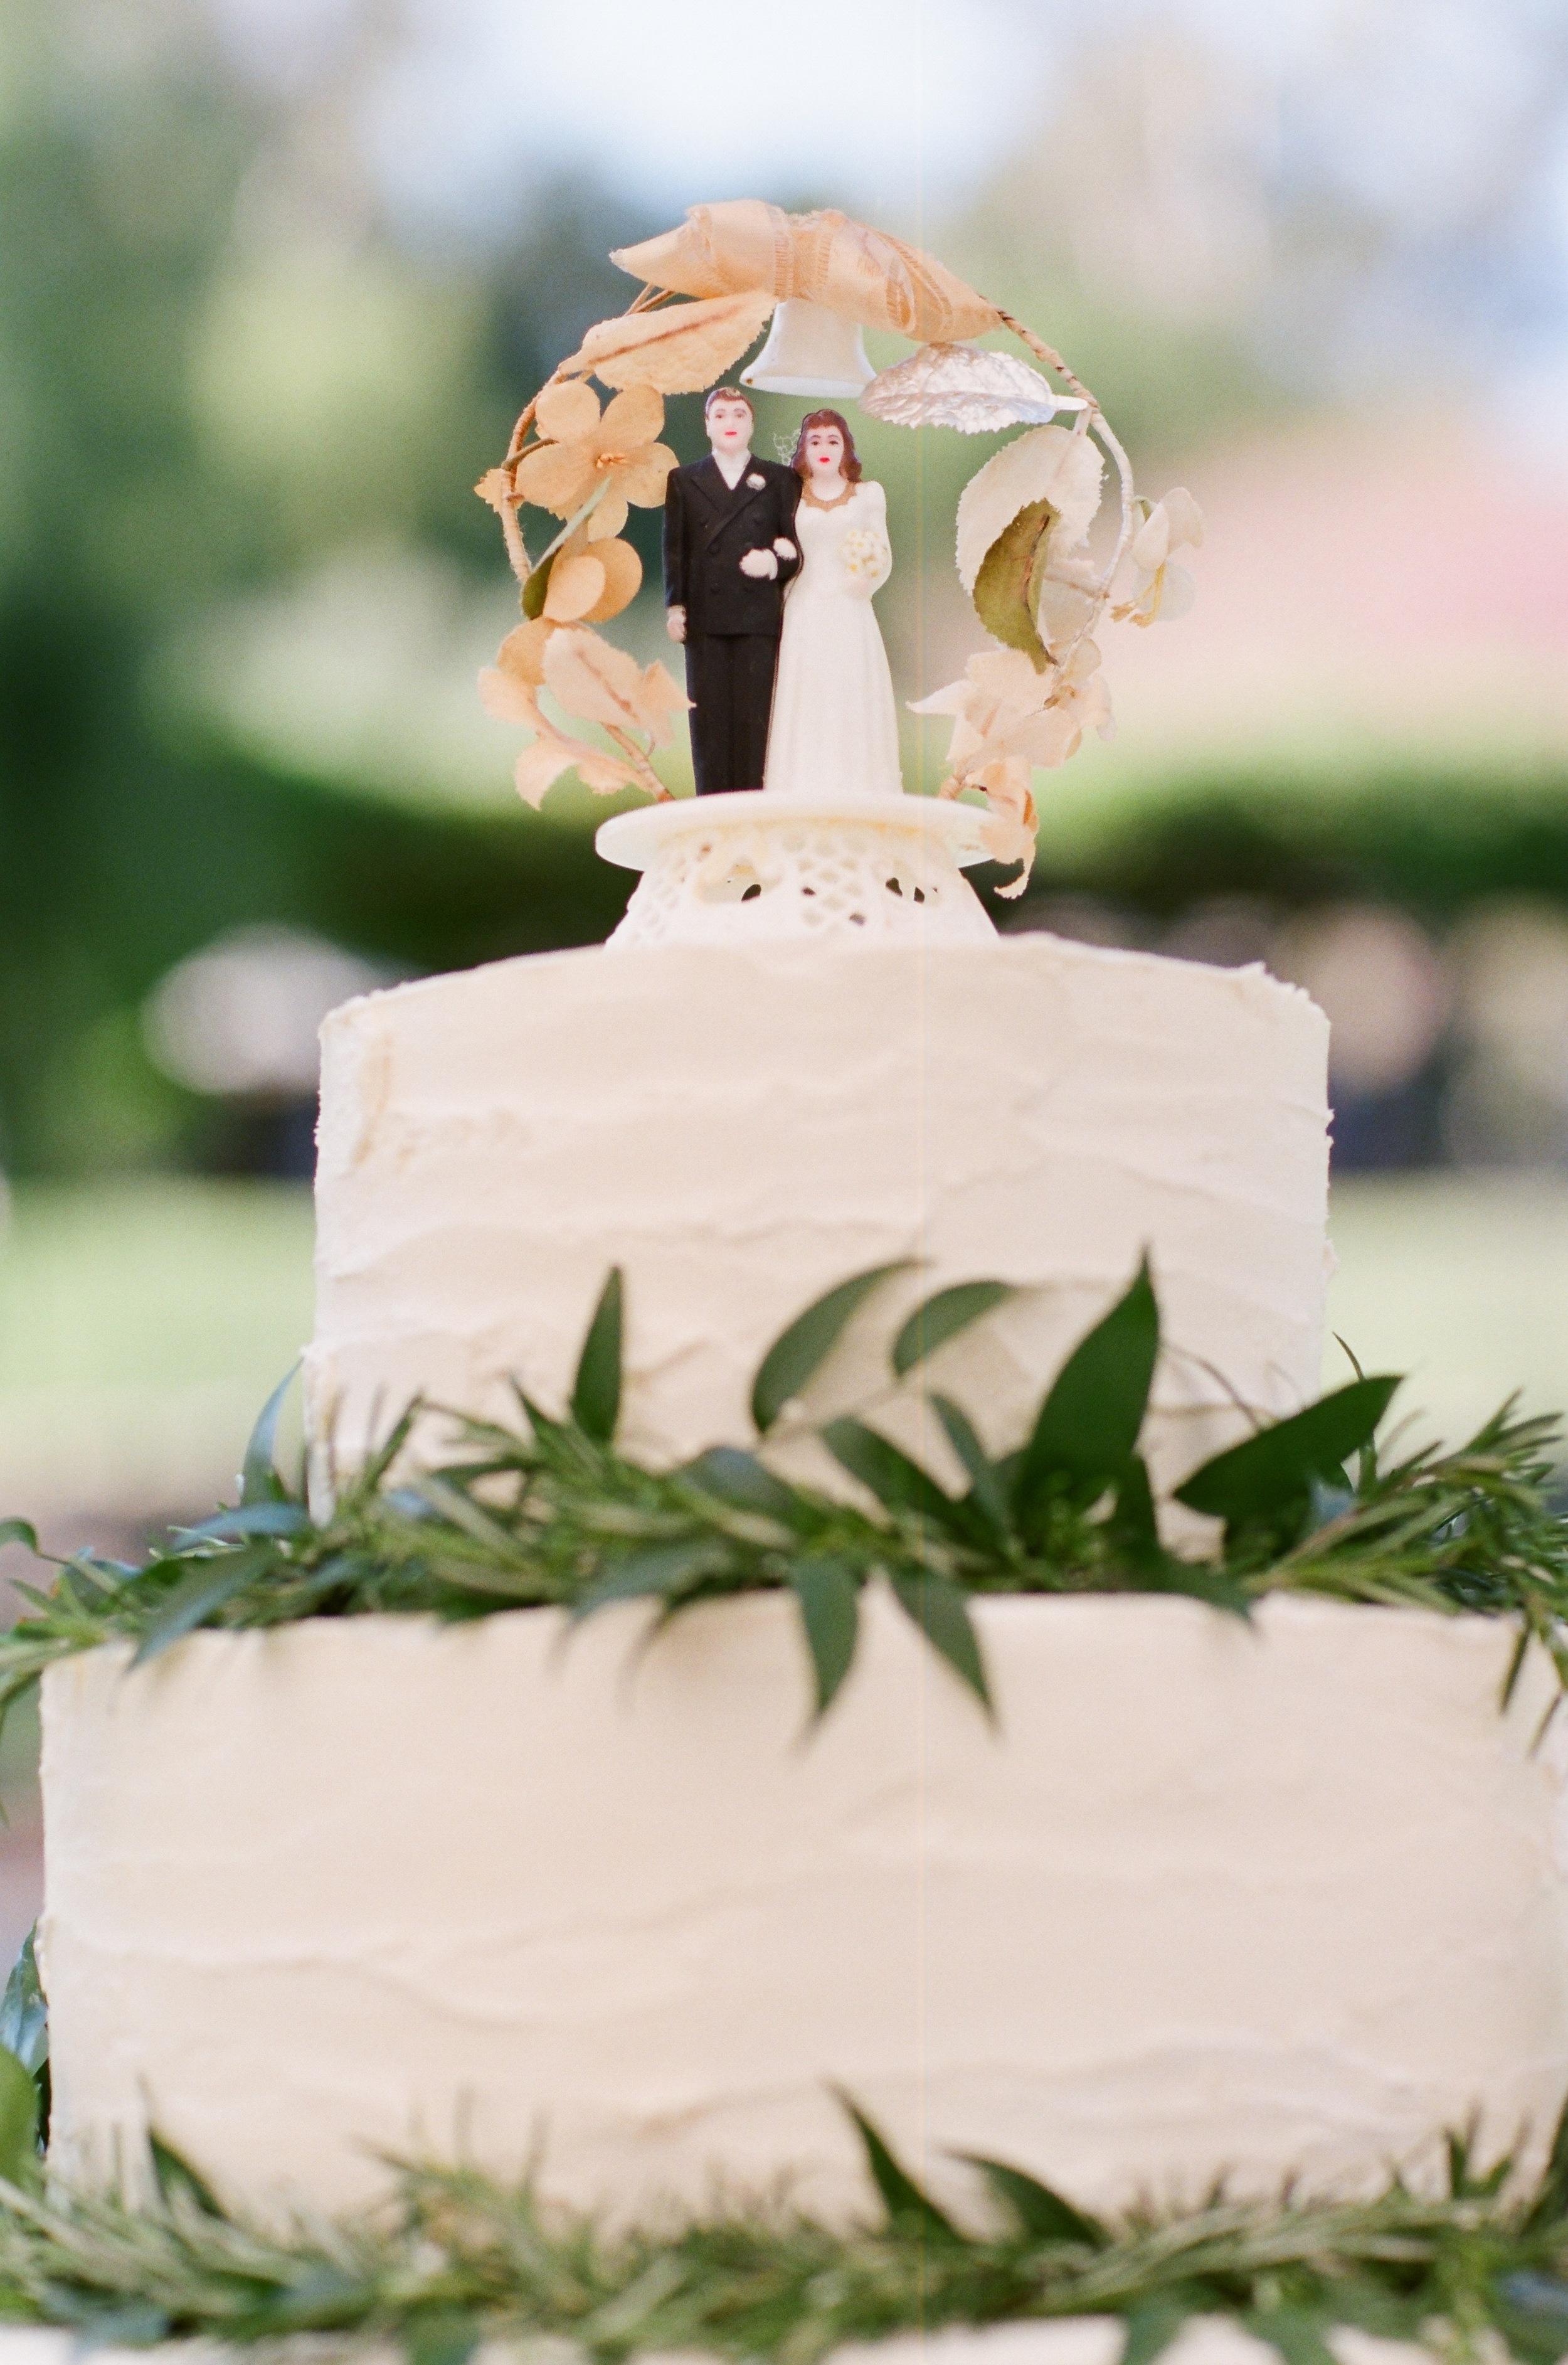 Vintage Cake Topper - Hoste Events